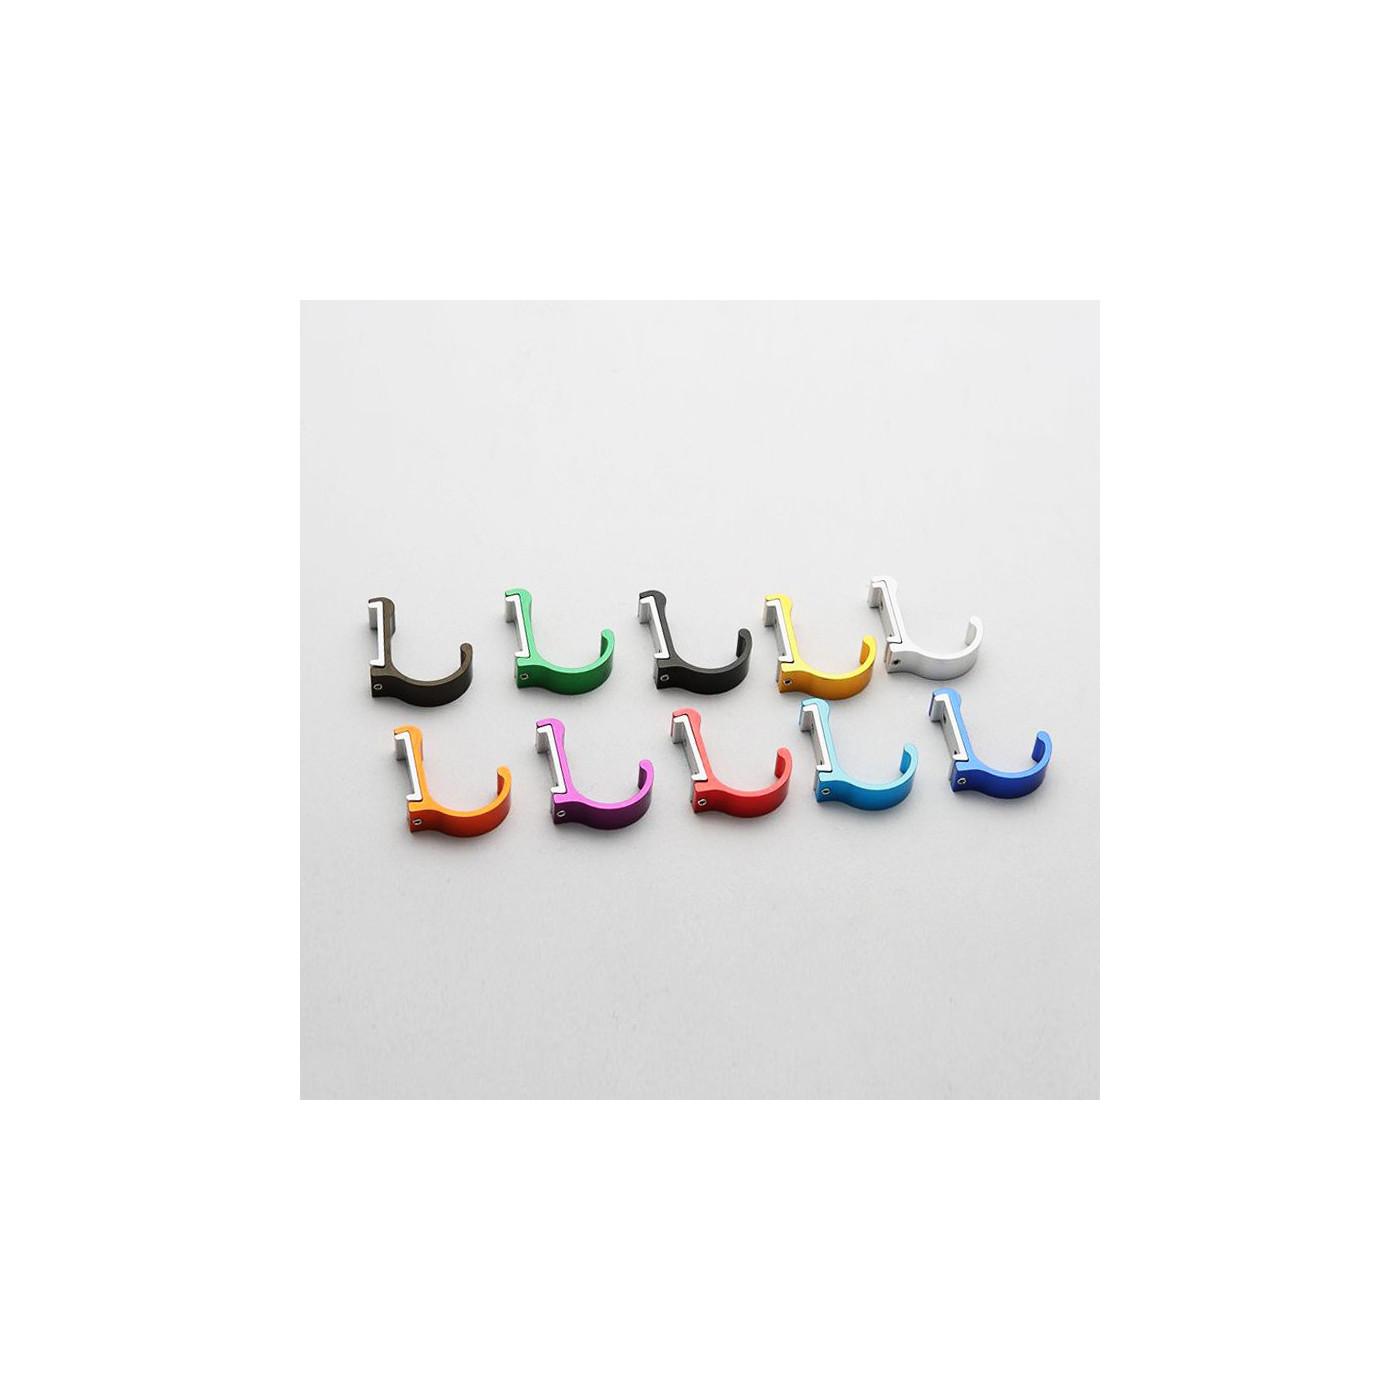 Set van 10 aluminium kledinghaken, kleurenmix (gebogen, alle 10